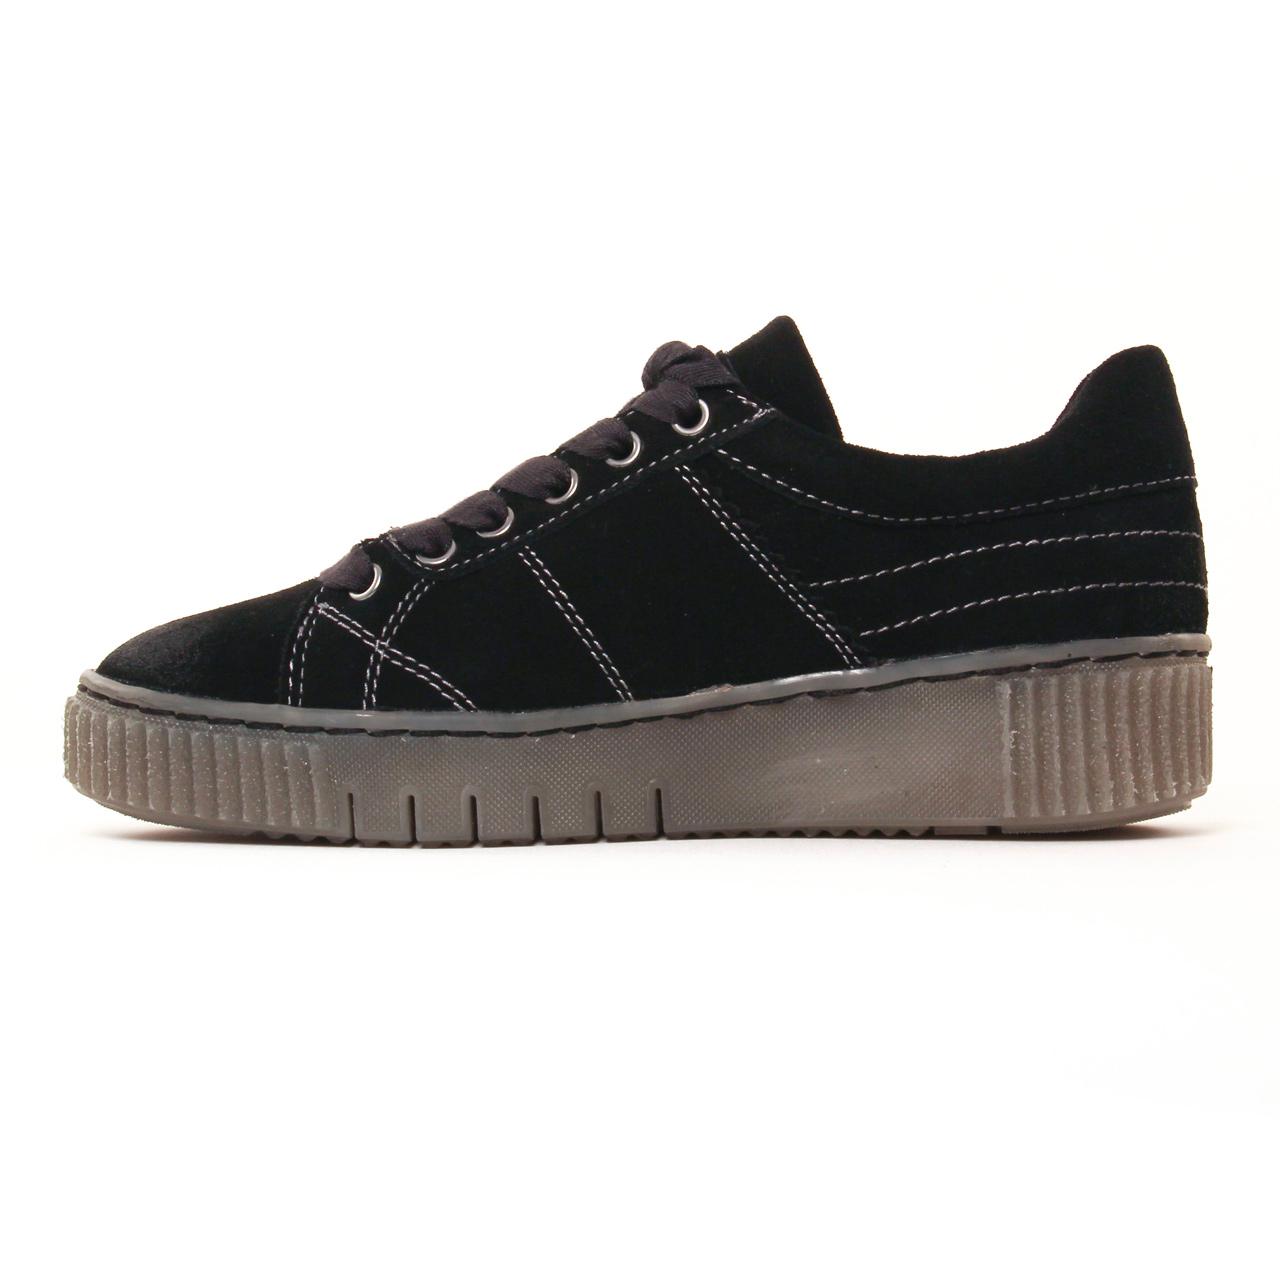 Femmes 23721 Tamaris Sneaker svW7y